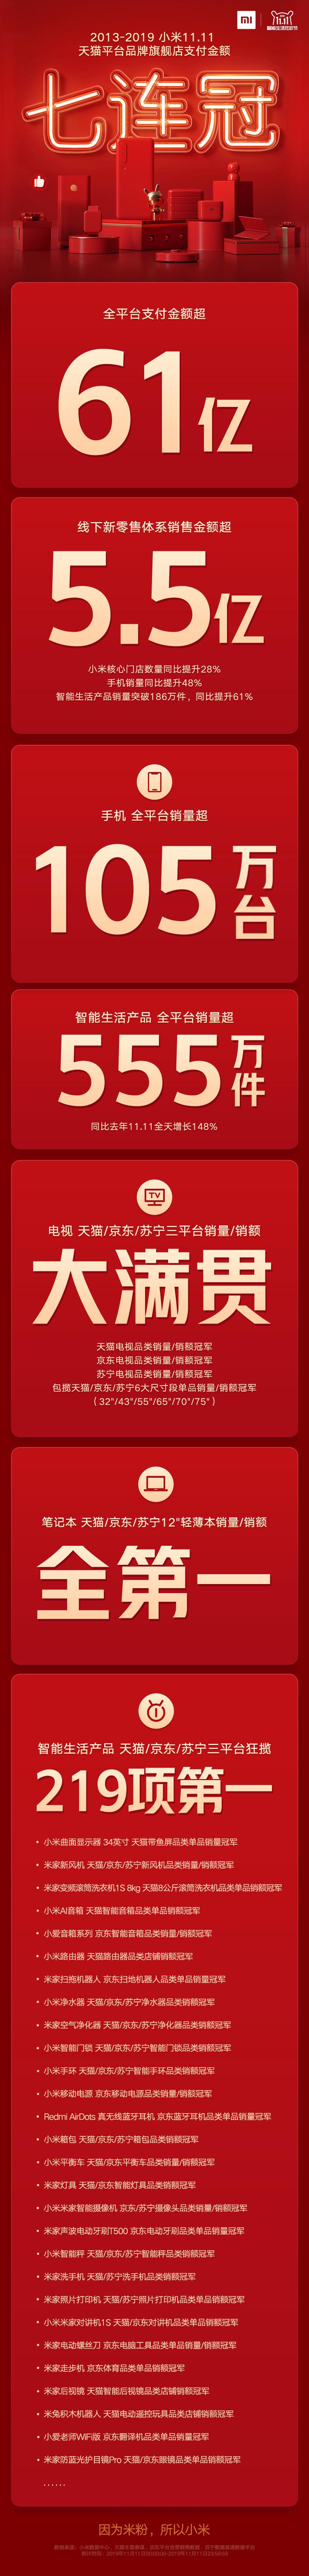 小米双11战报:AIoT设备全平台销量555万件 单日支付金额超61亿